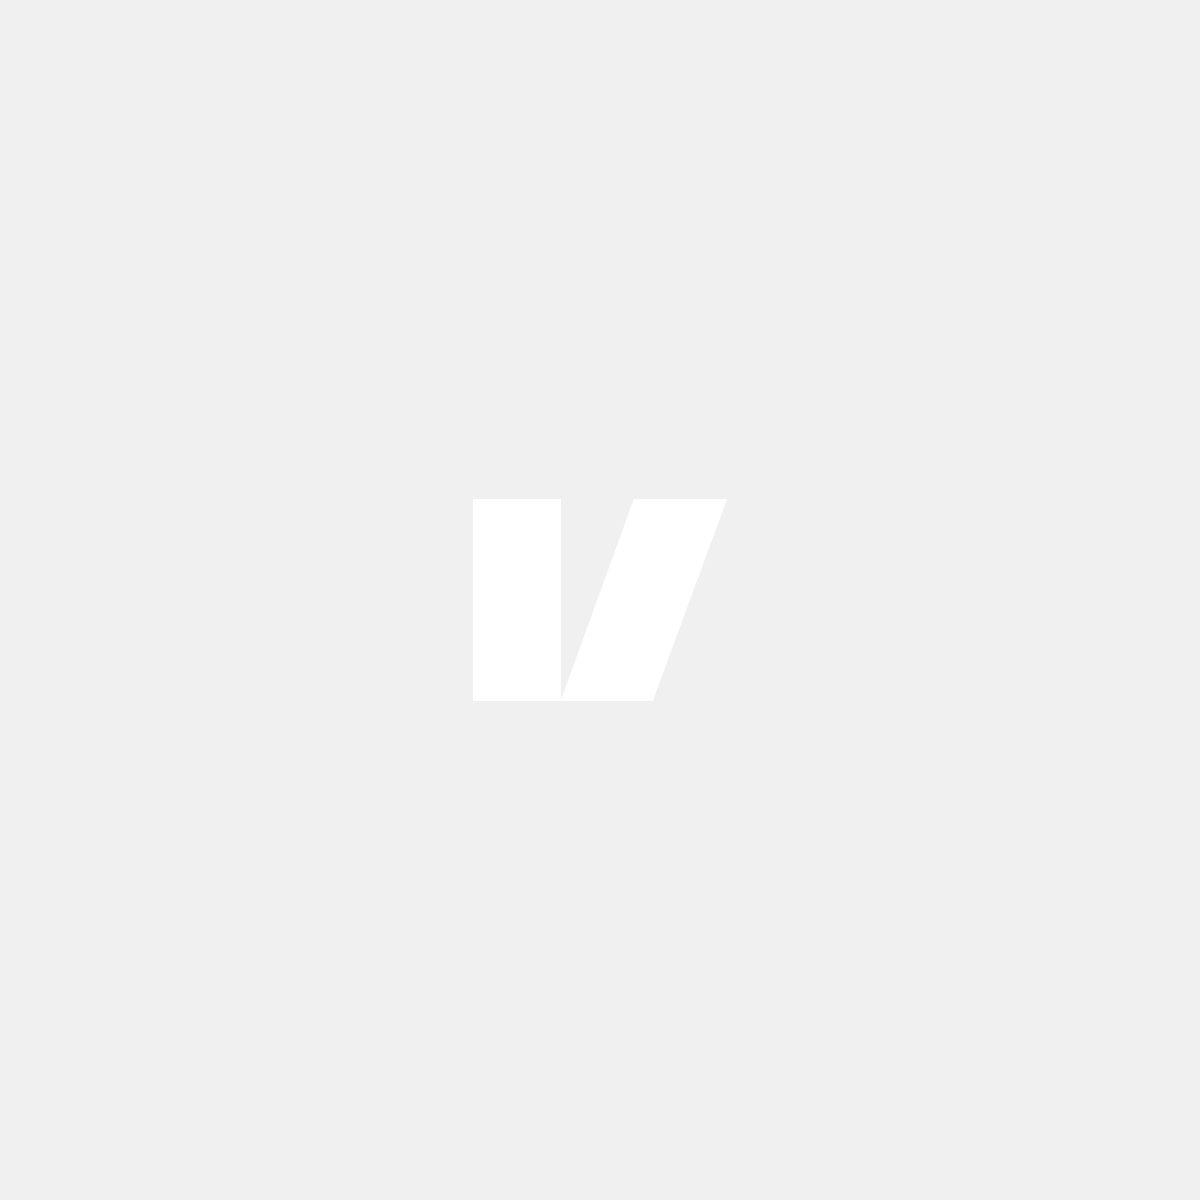 Täckplast för dörrlås till Volvo S80, V70, XC70